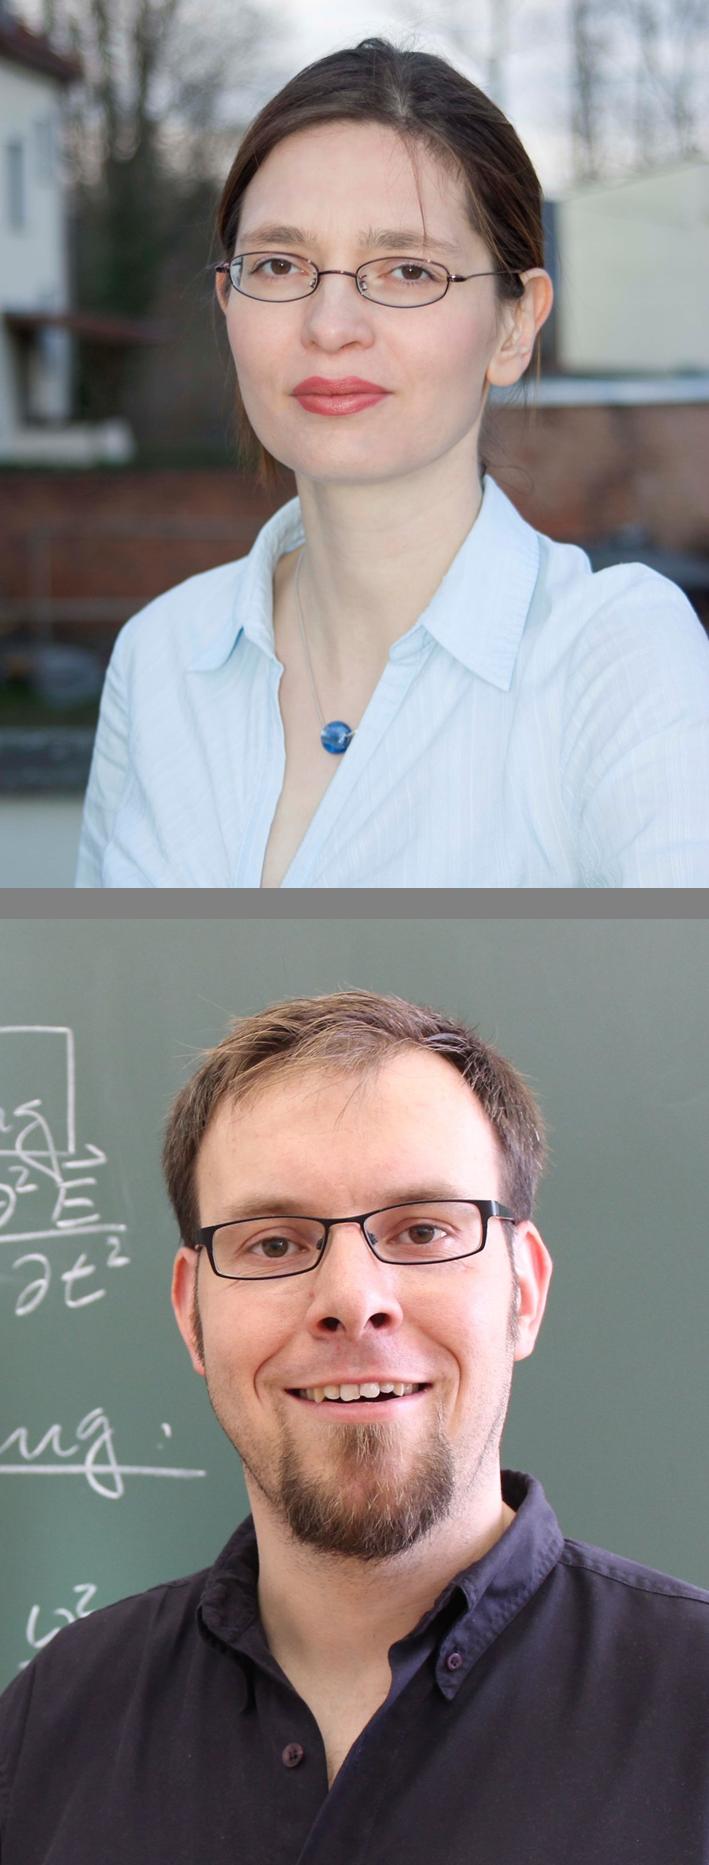 Dr. Christina Walther (Bild oben) und Thomas Kaiser (Bild unten)